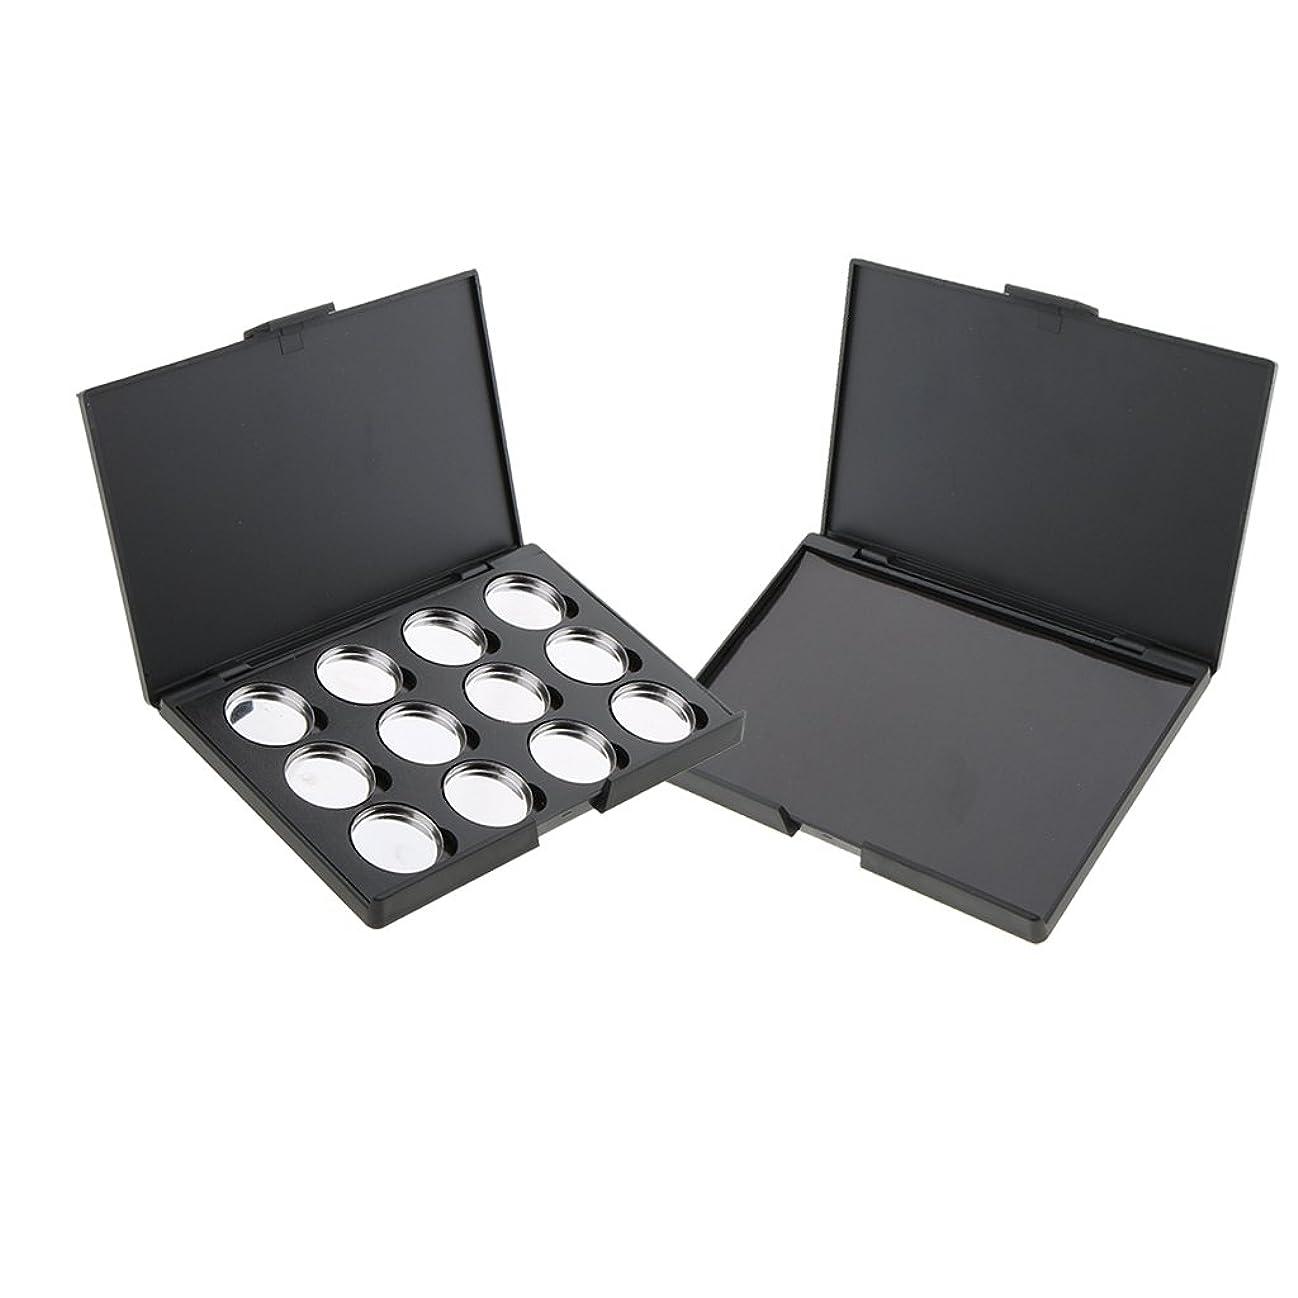 義務とは異なり豆空パレット 磁気パレットボックス パン パン付きパレット 2個 アイシャドウ パウダー メイクケース DIY 収納ボックス